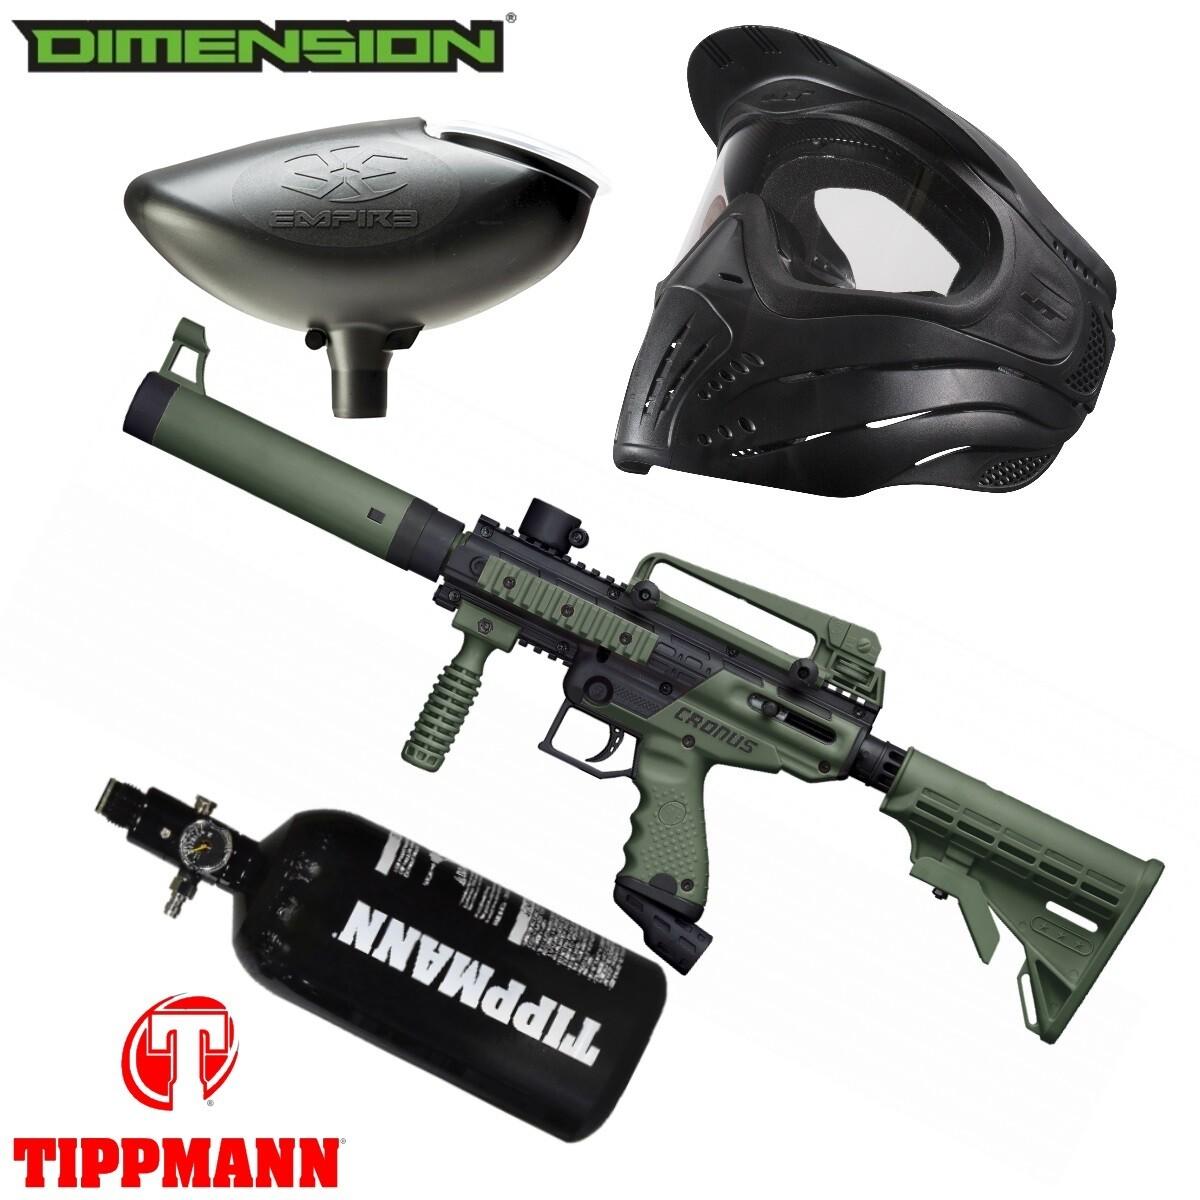 Marker Package - Tippmann Cronus Tactical Marker - Black:Olive / 200 Rnd. Loader / Premise Mask Single / 48cu 3000 psi Air Tank